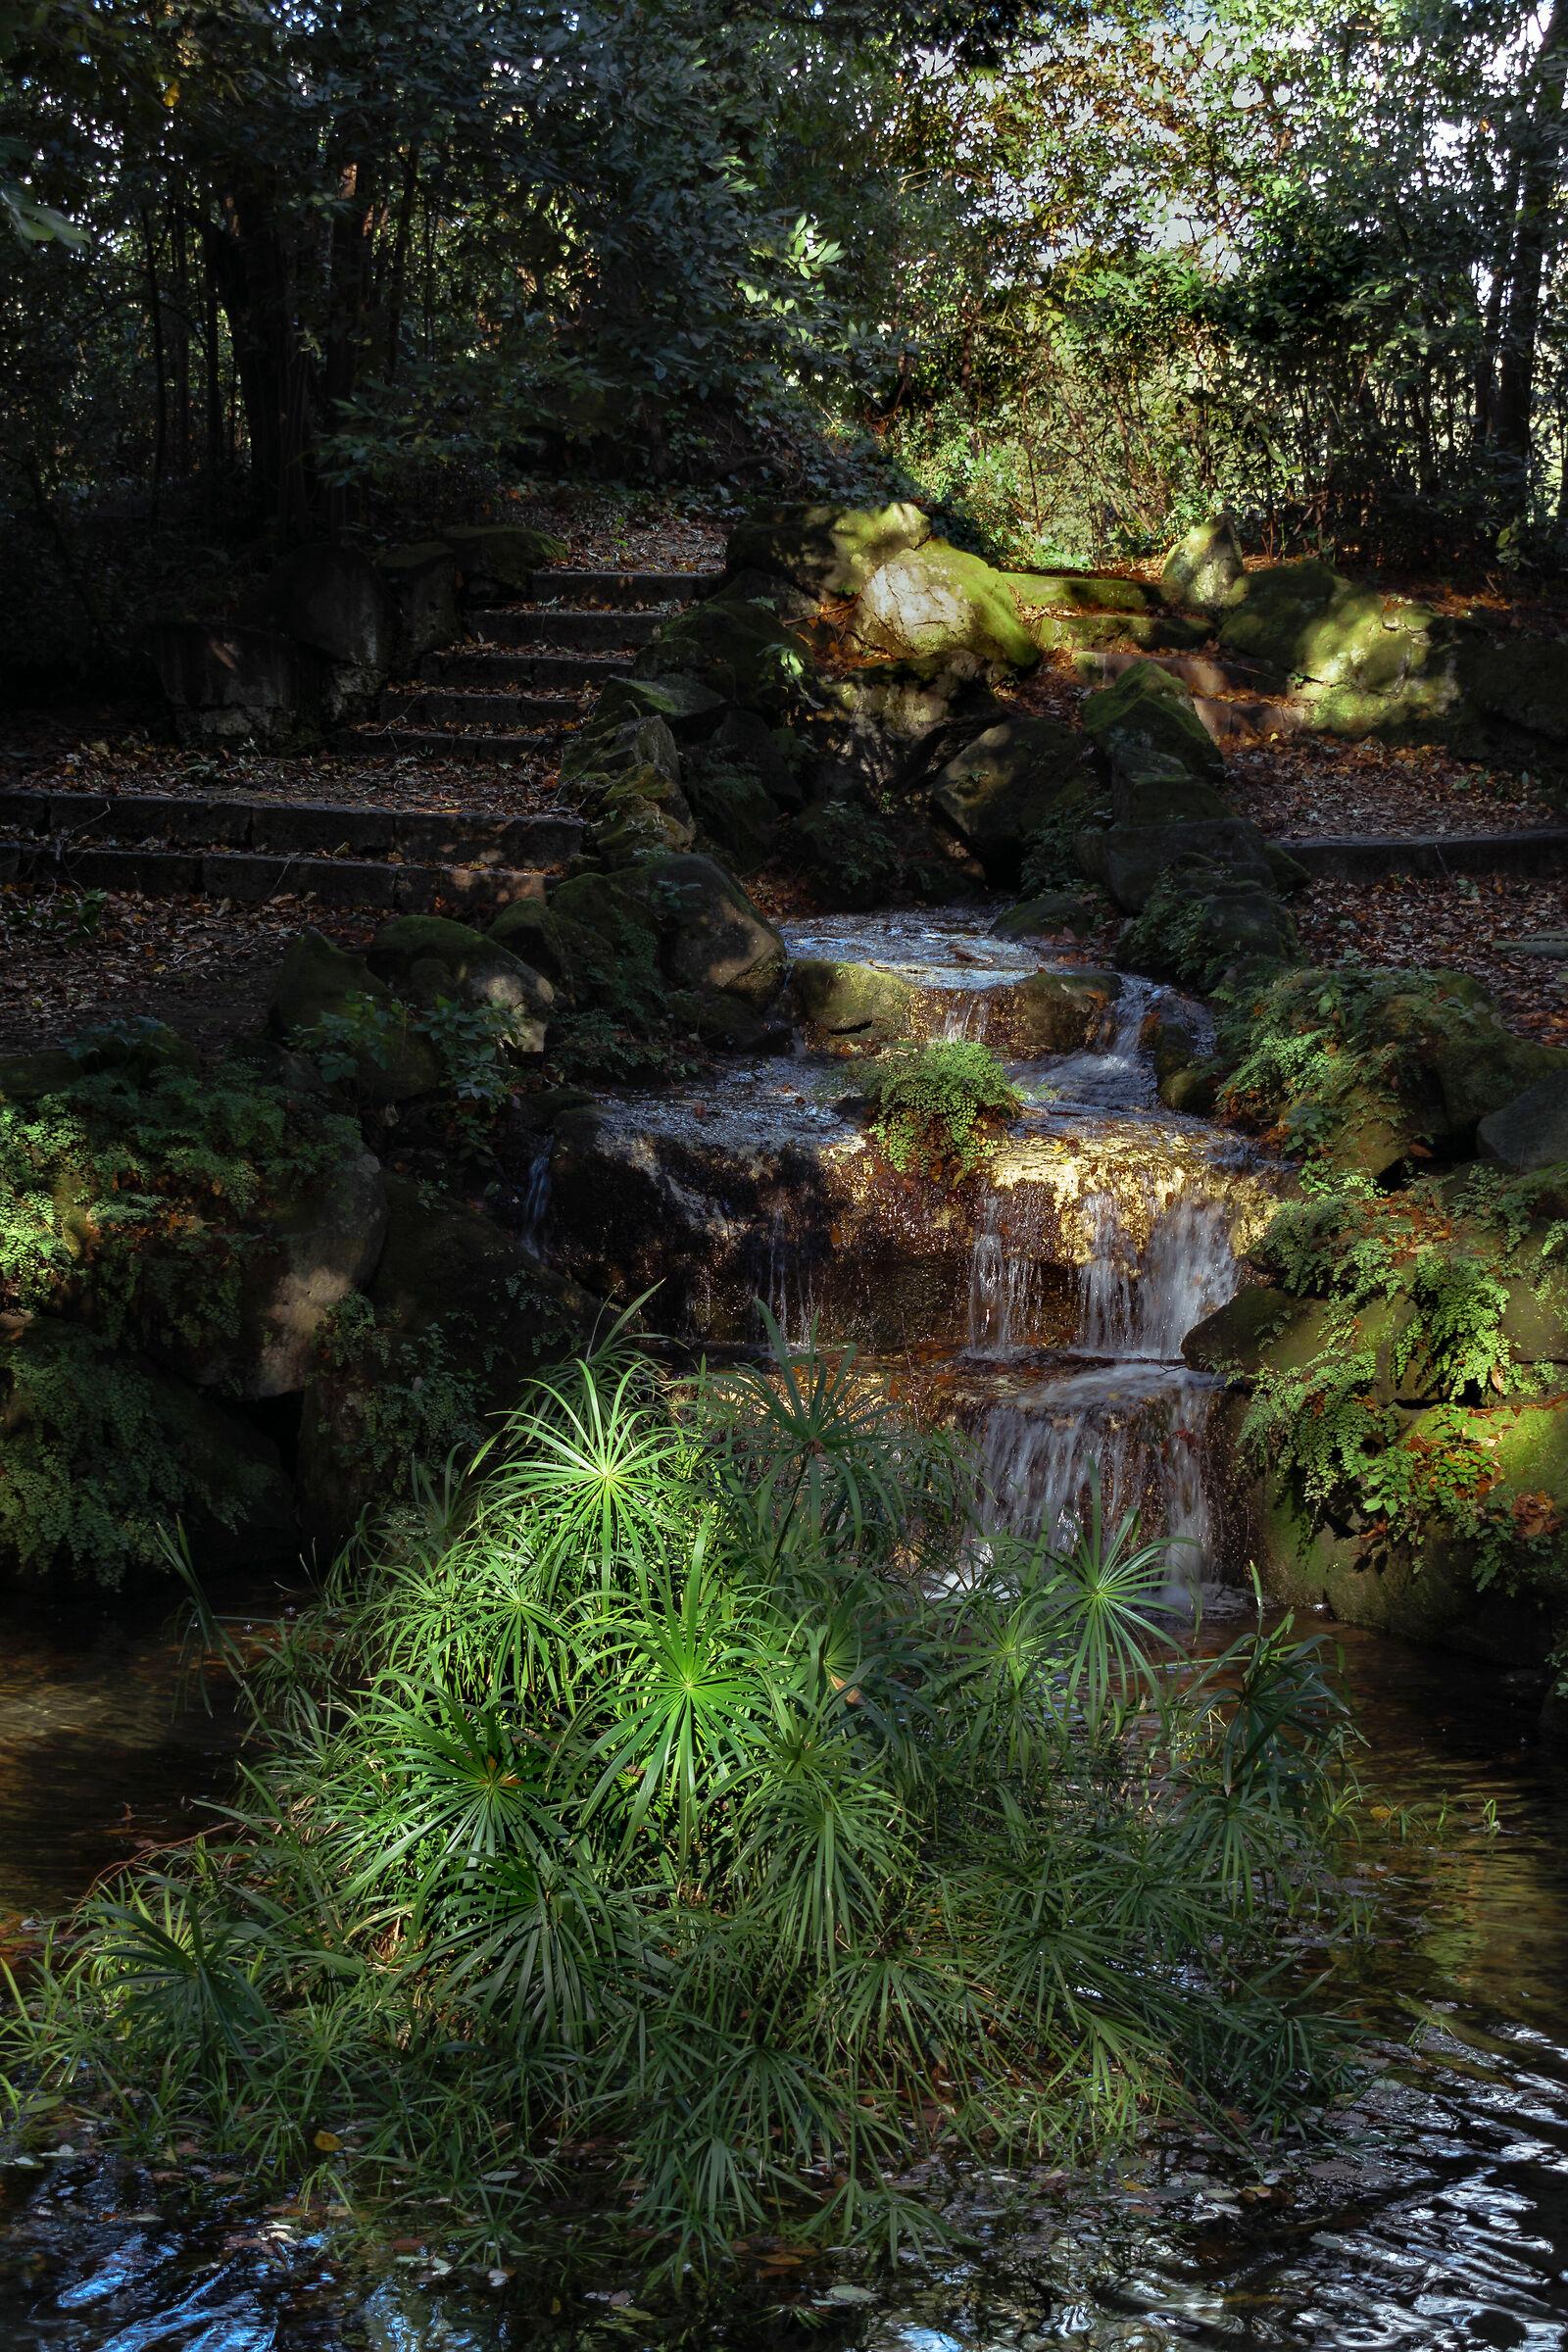 Il bosco incantato...